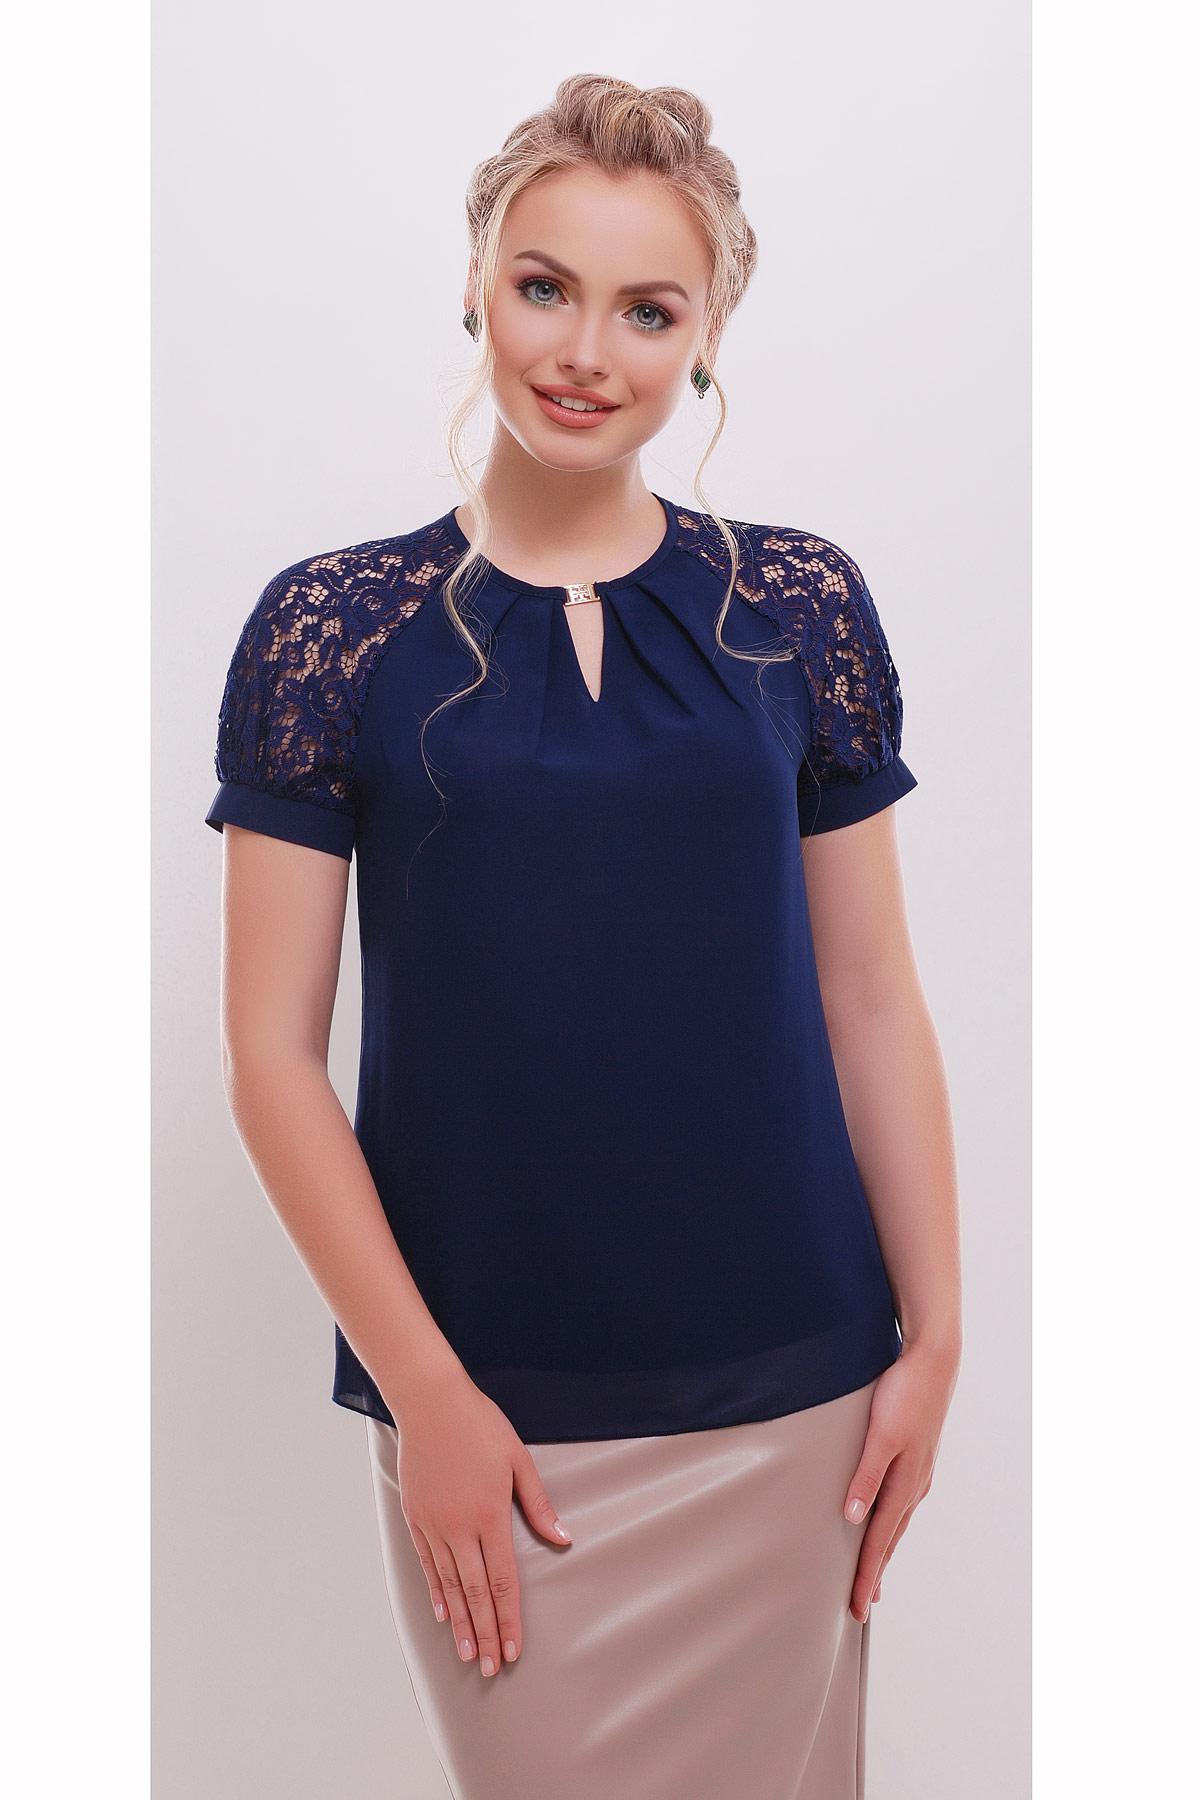 7614064f424 темно-синяя блузка с кружевом. блуза Ильва к р. Цвет  темно